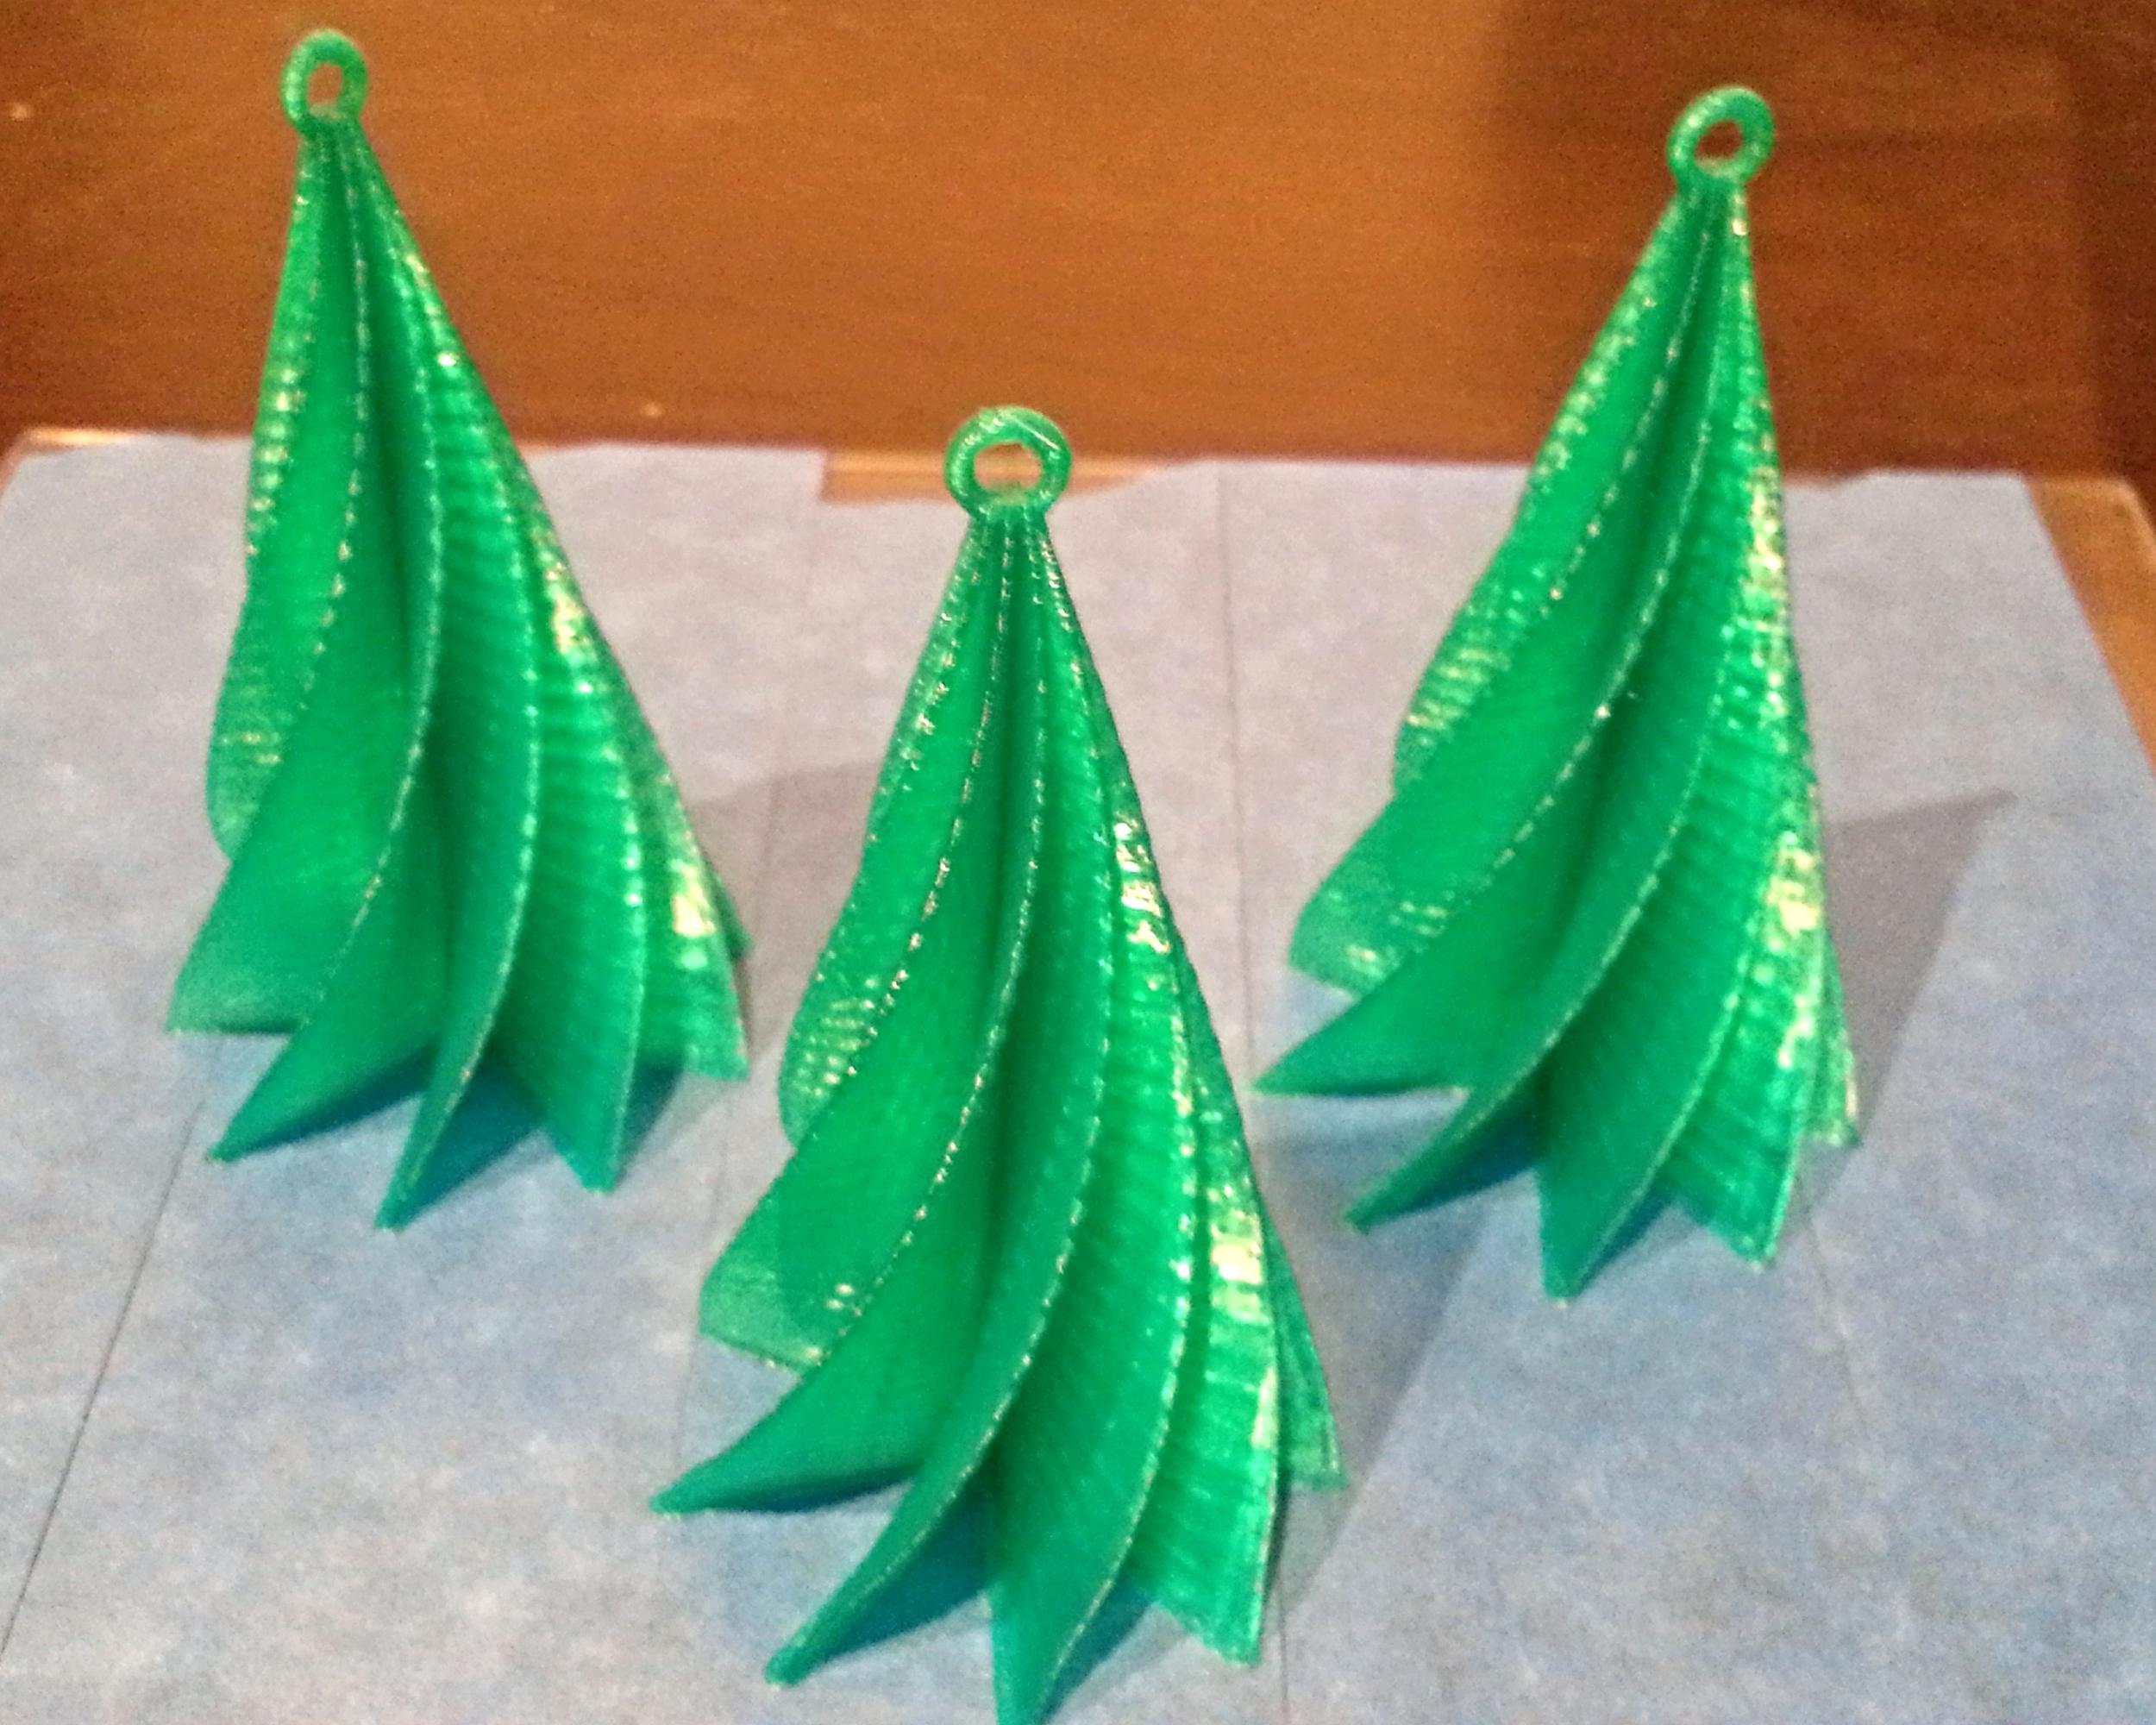 Customized X-Mas Tree Ornaments